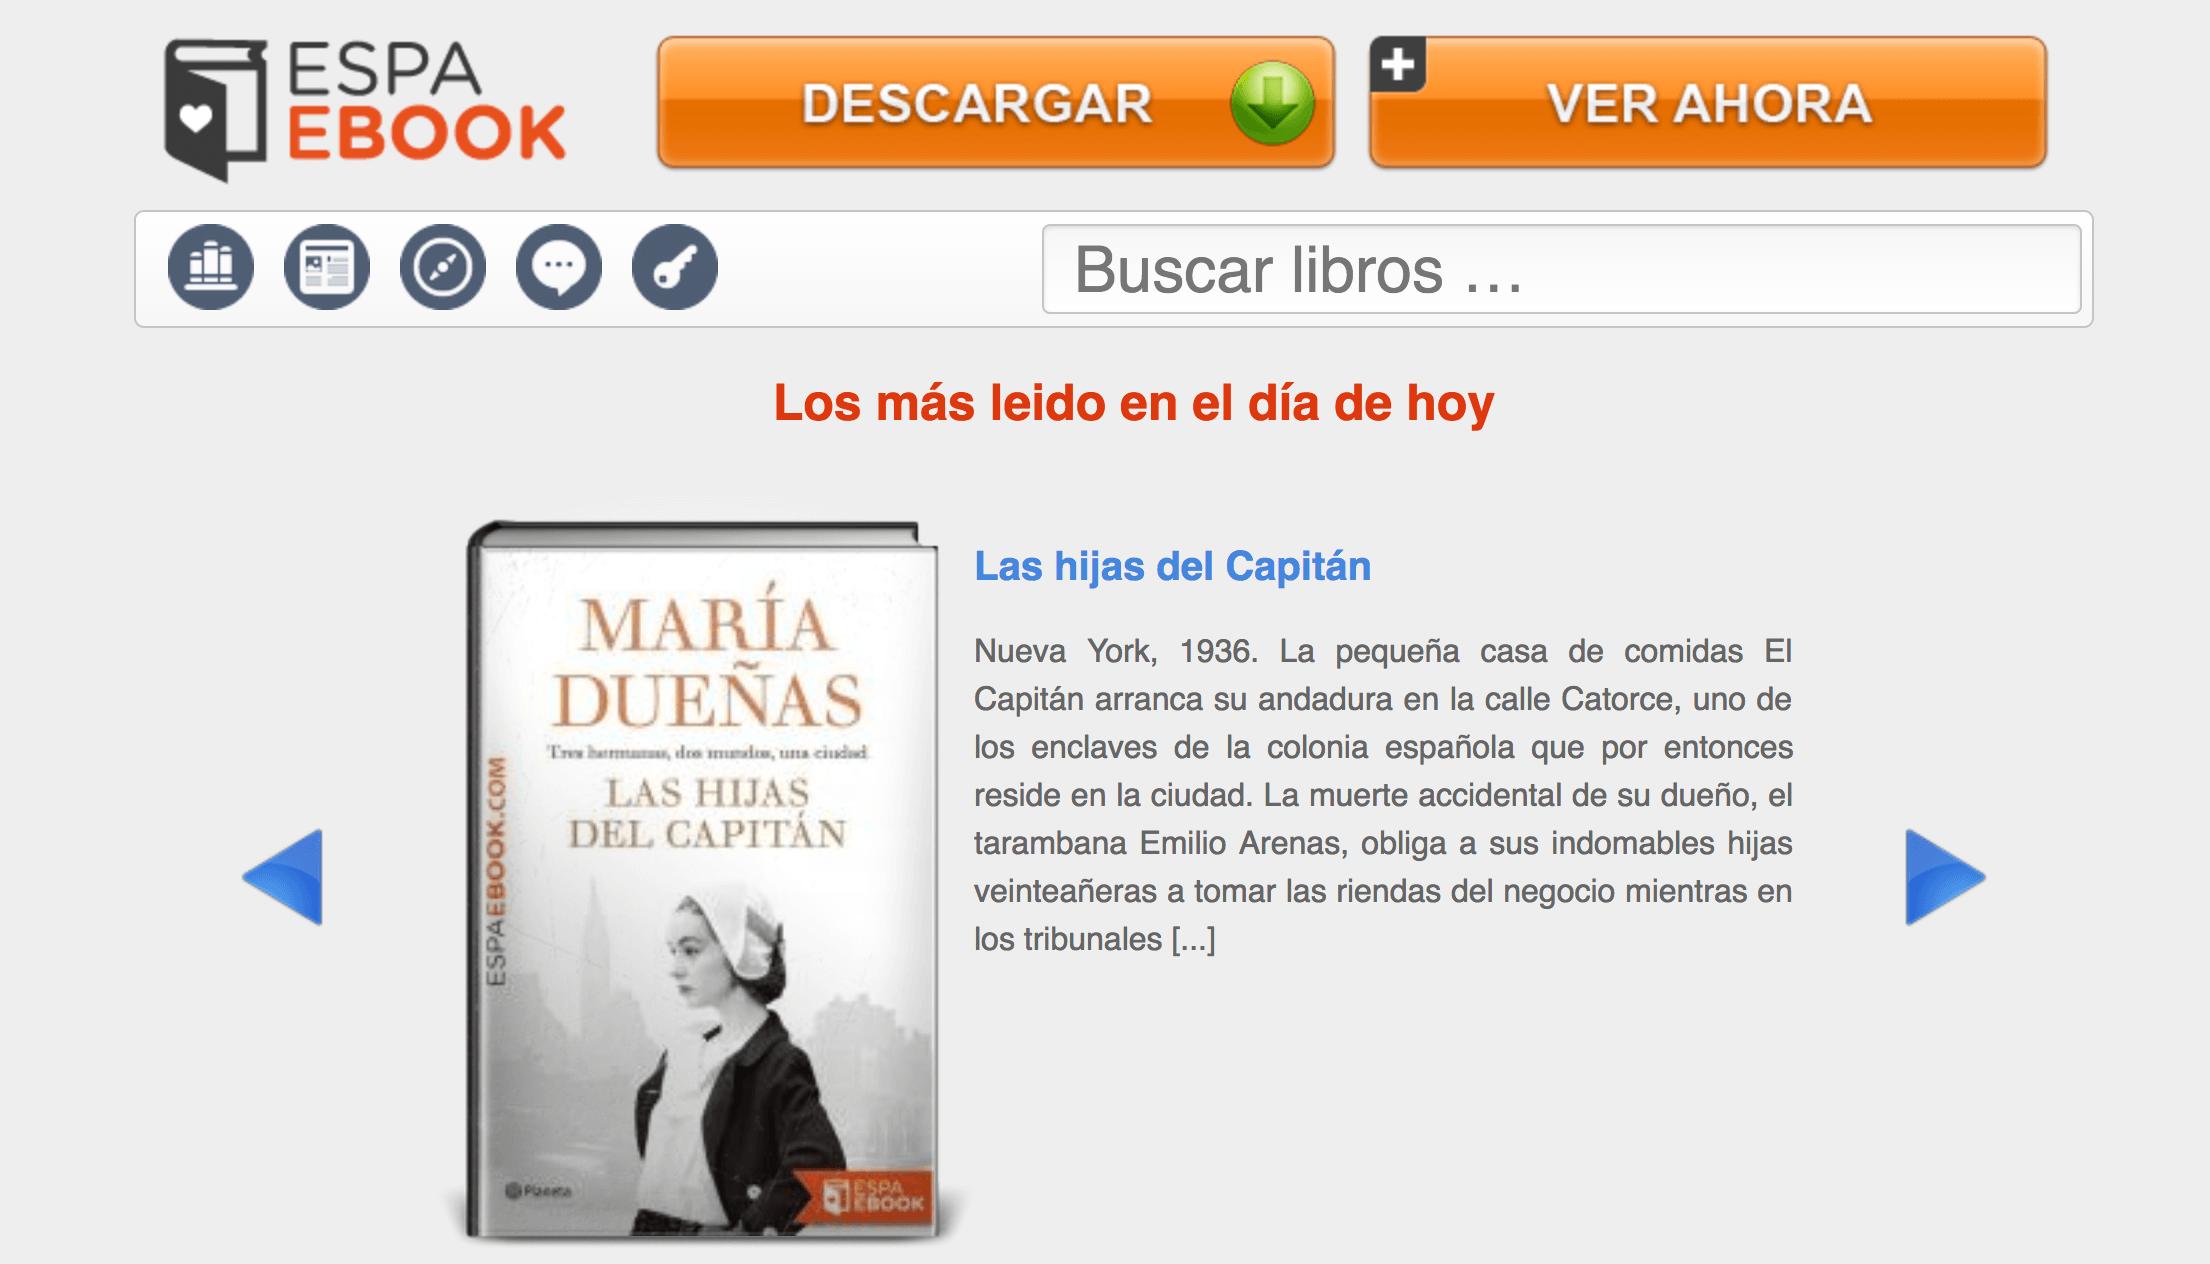 Descargar Libros Epub Gratis En Español Sin Registrarse Descargar Libros Gratis Buscar Libros Gratis Libros Gratis